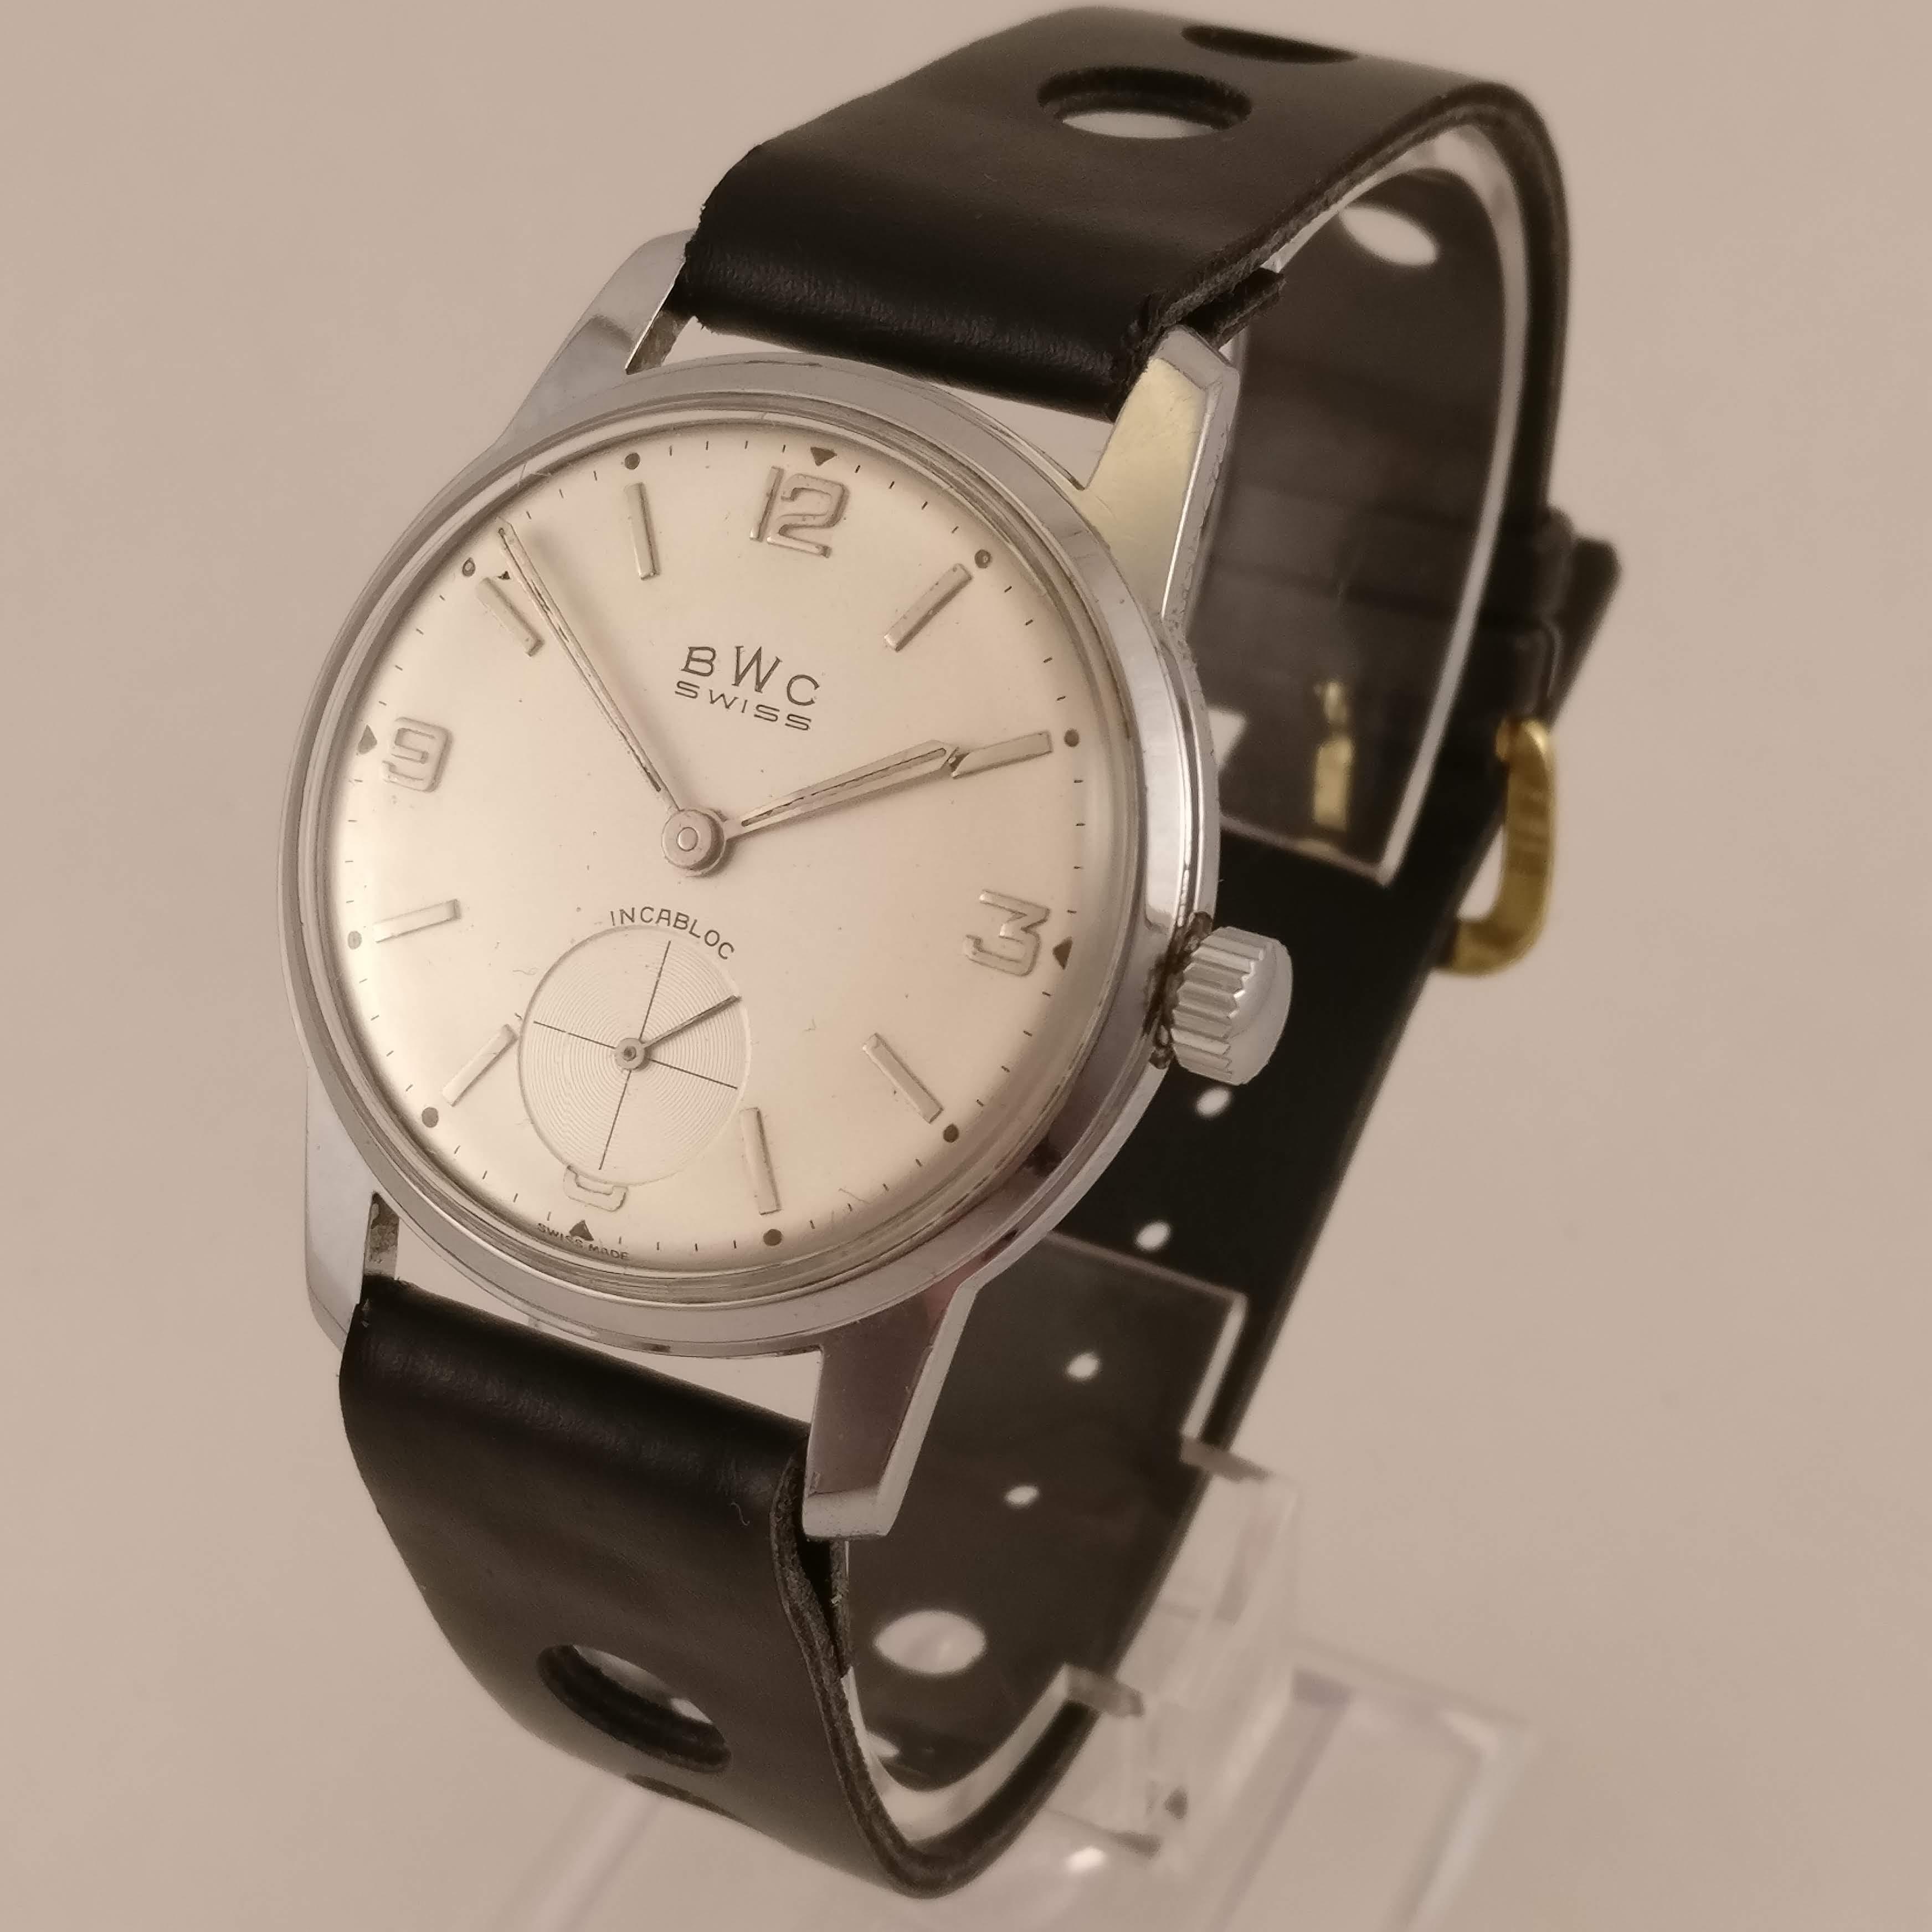 Bwc Swiss Vintage Heren Horloge